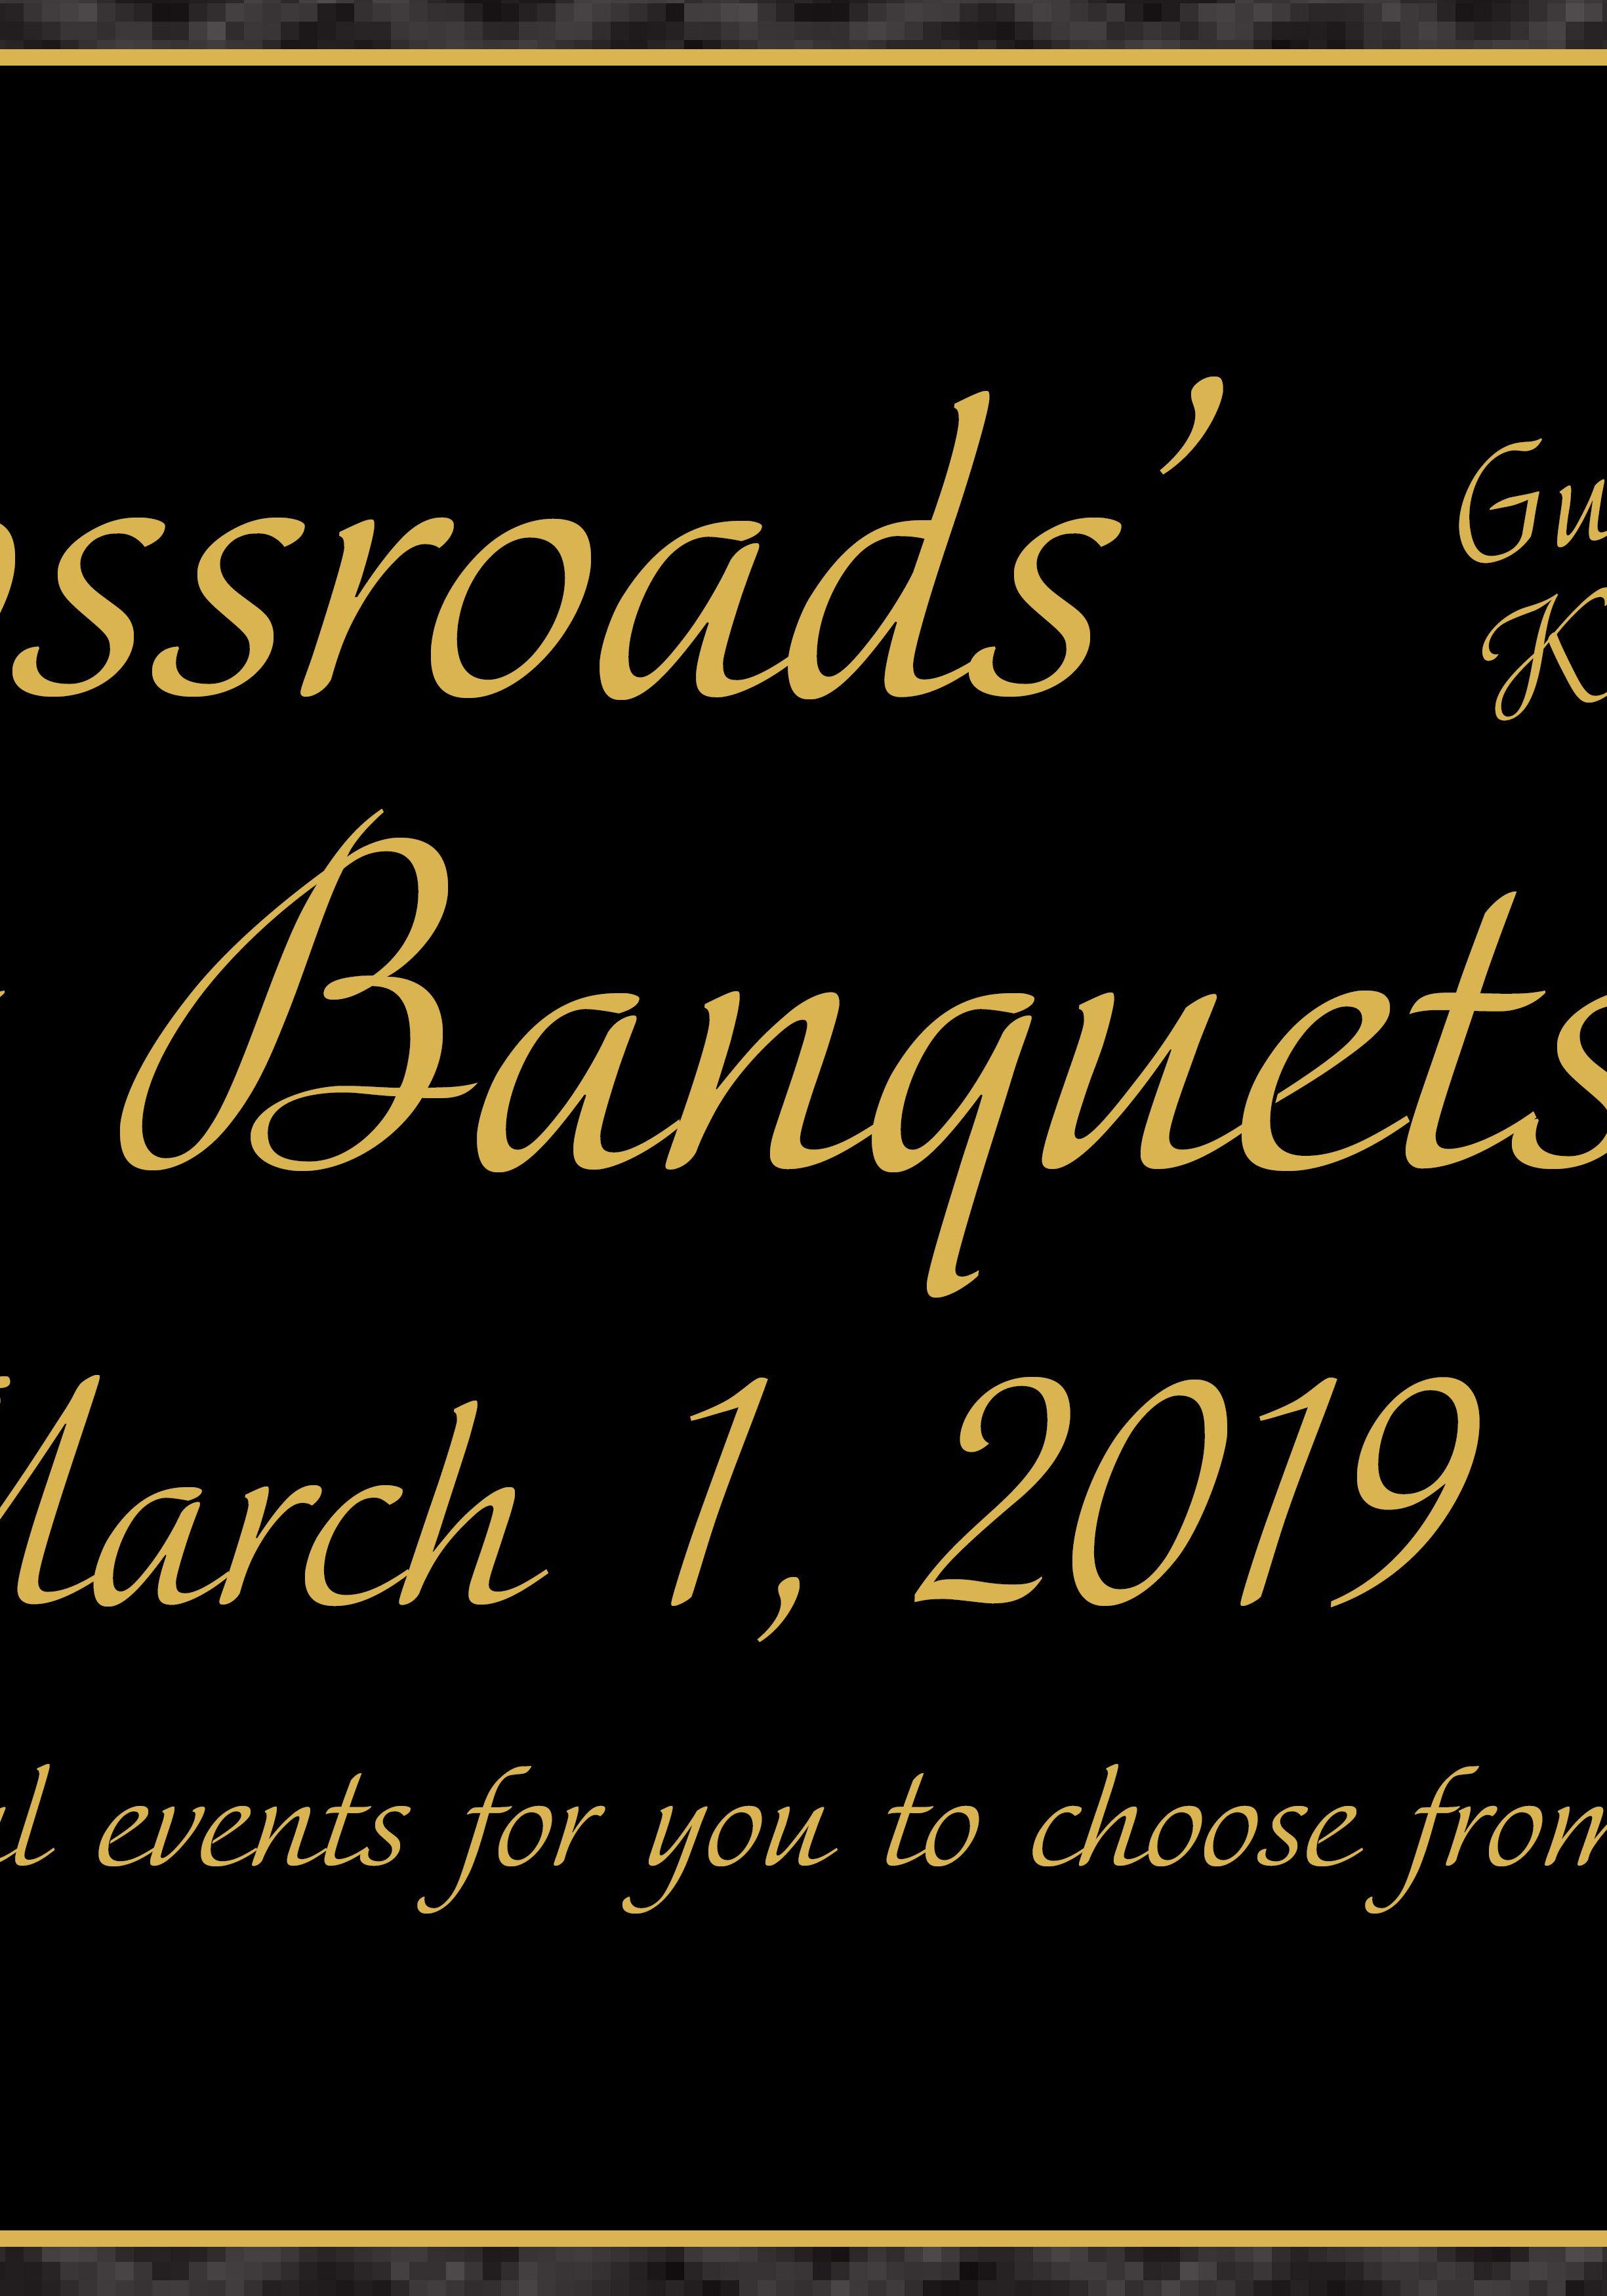 Banquet-2019-AttendEasy-banner